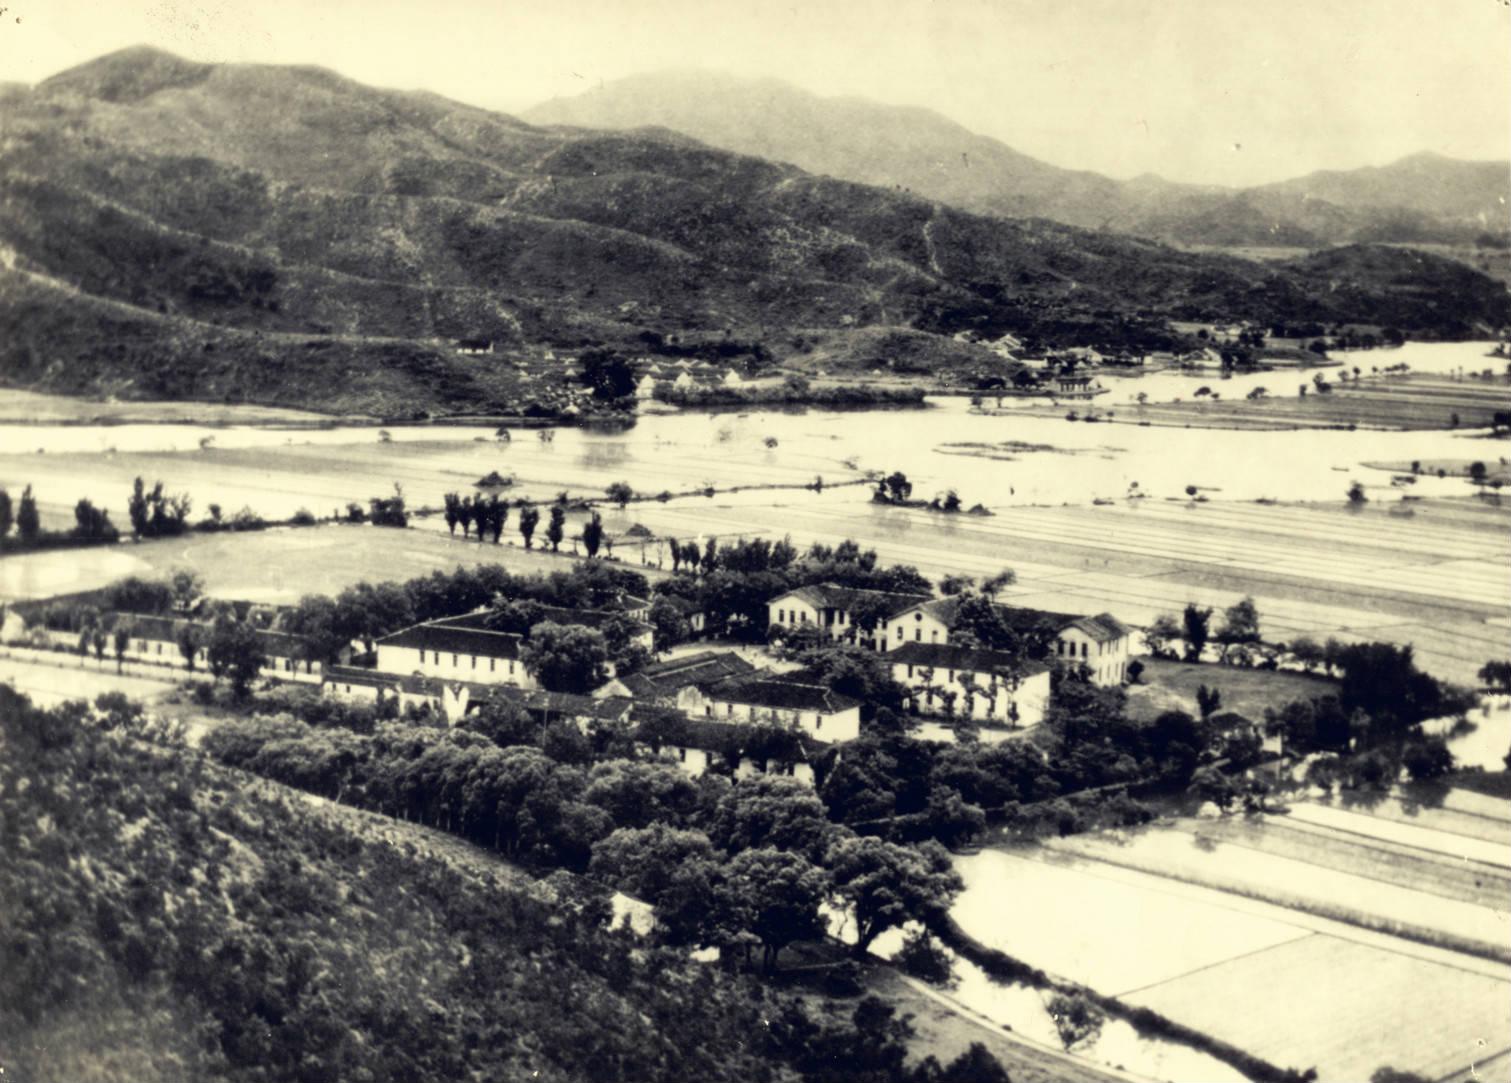 100年前,一所穷乡僻野的私立中学,竟秒杀今天所有名校